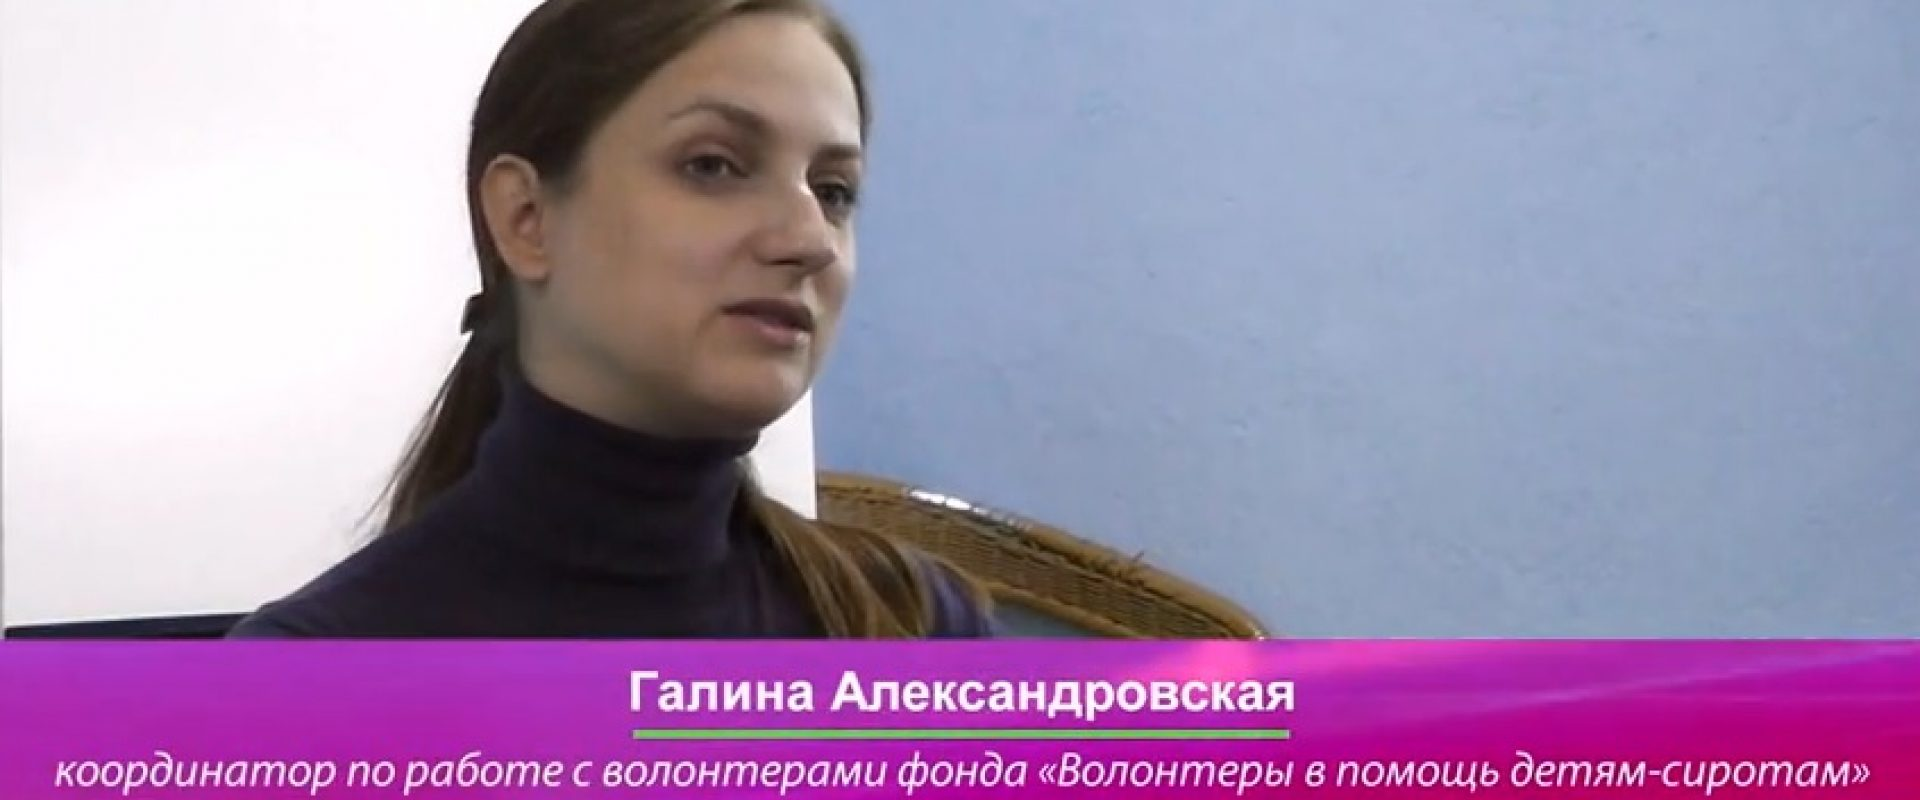 Г. Александровская Обучение волонтеров